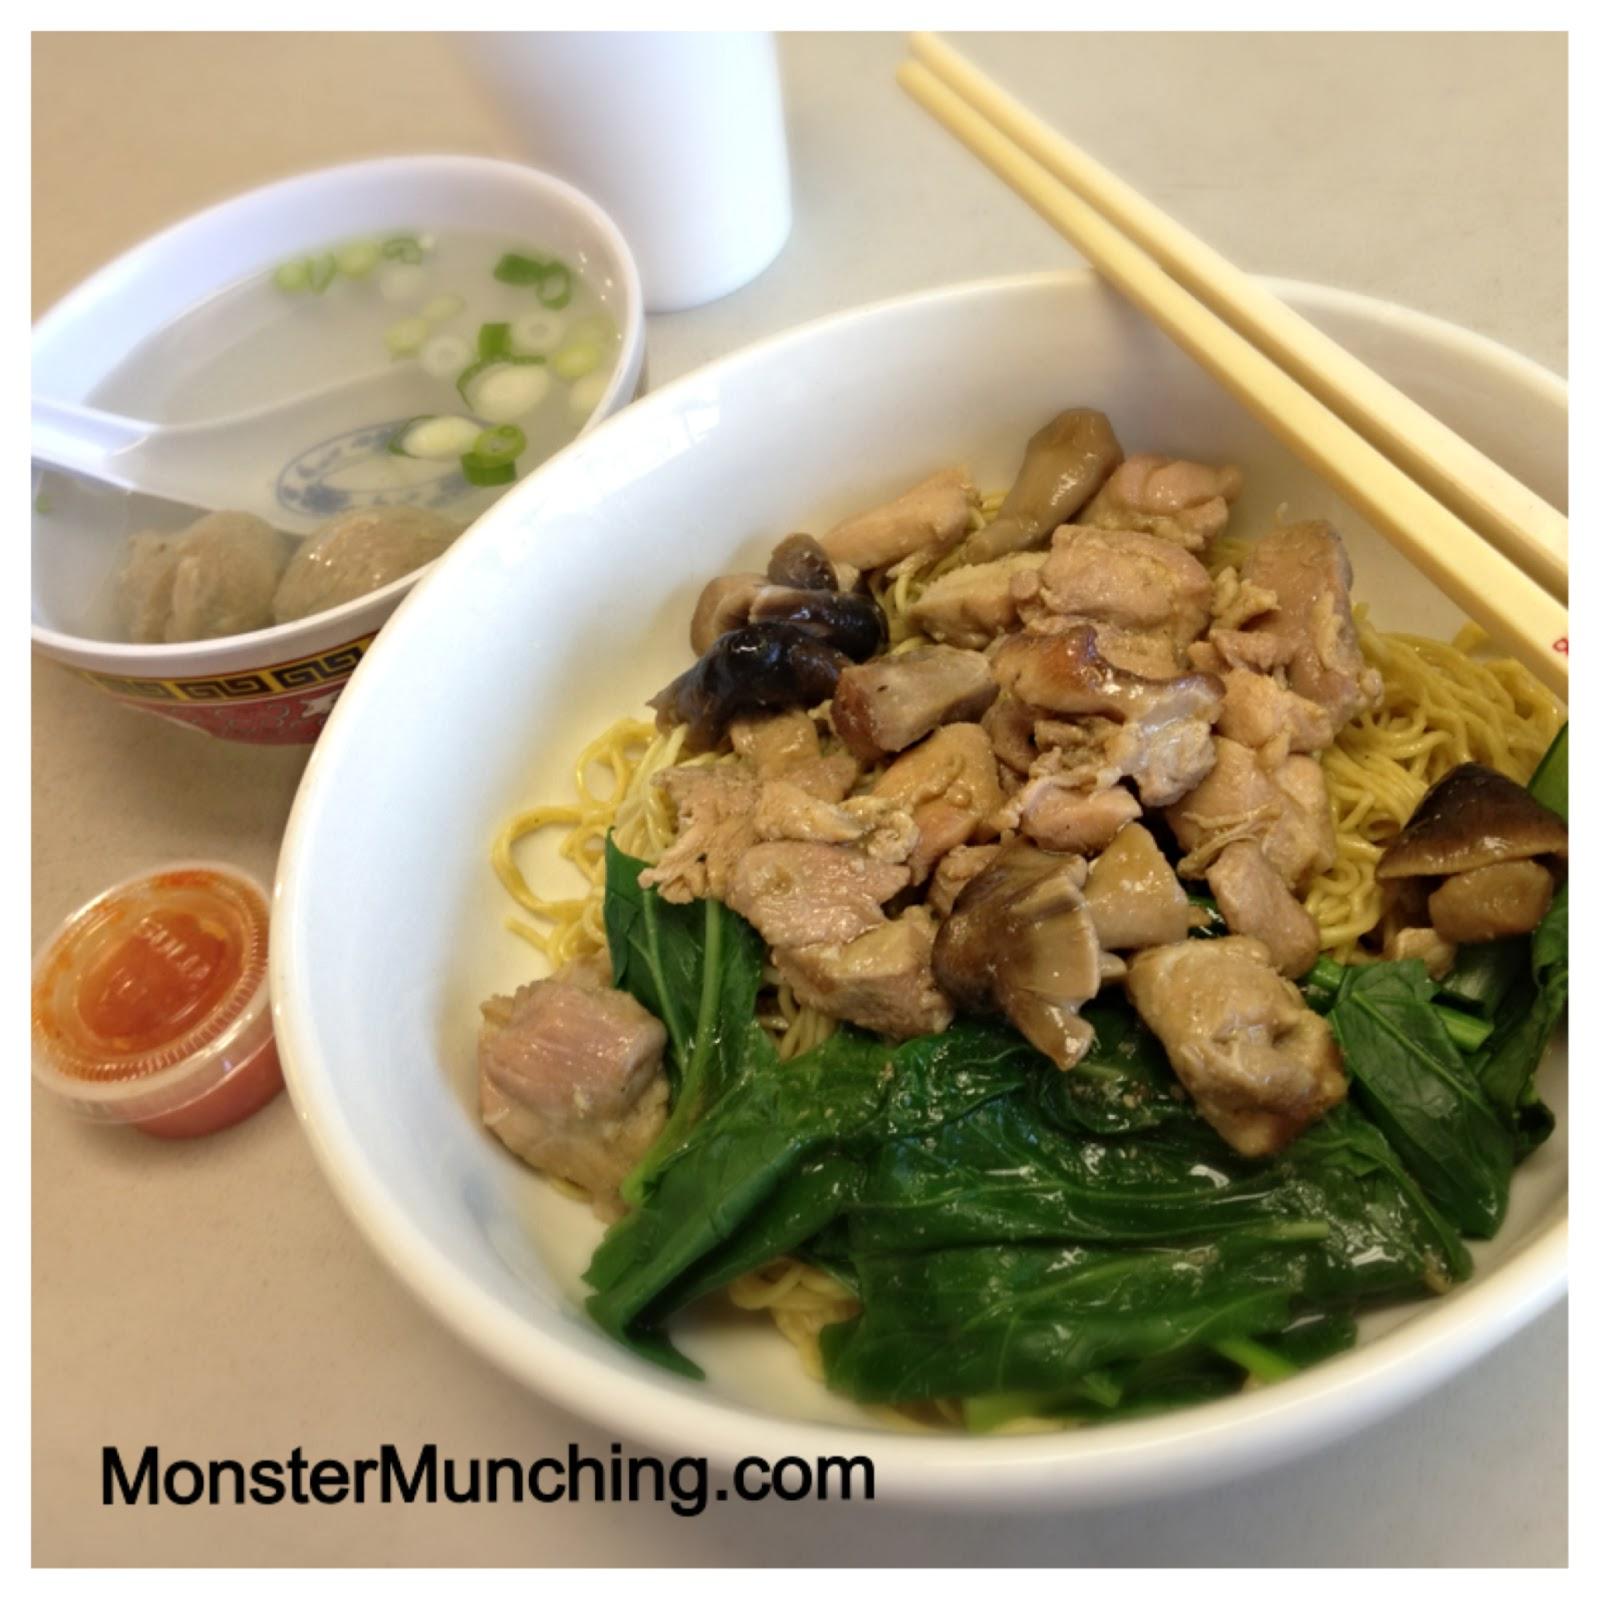 Monster Munching: Mie Ayam at Warung Pojok - Garden Grove